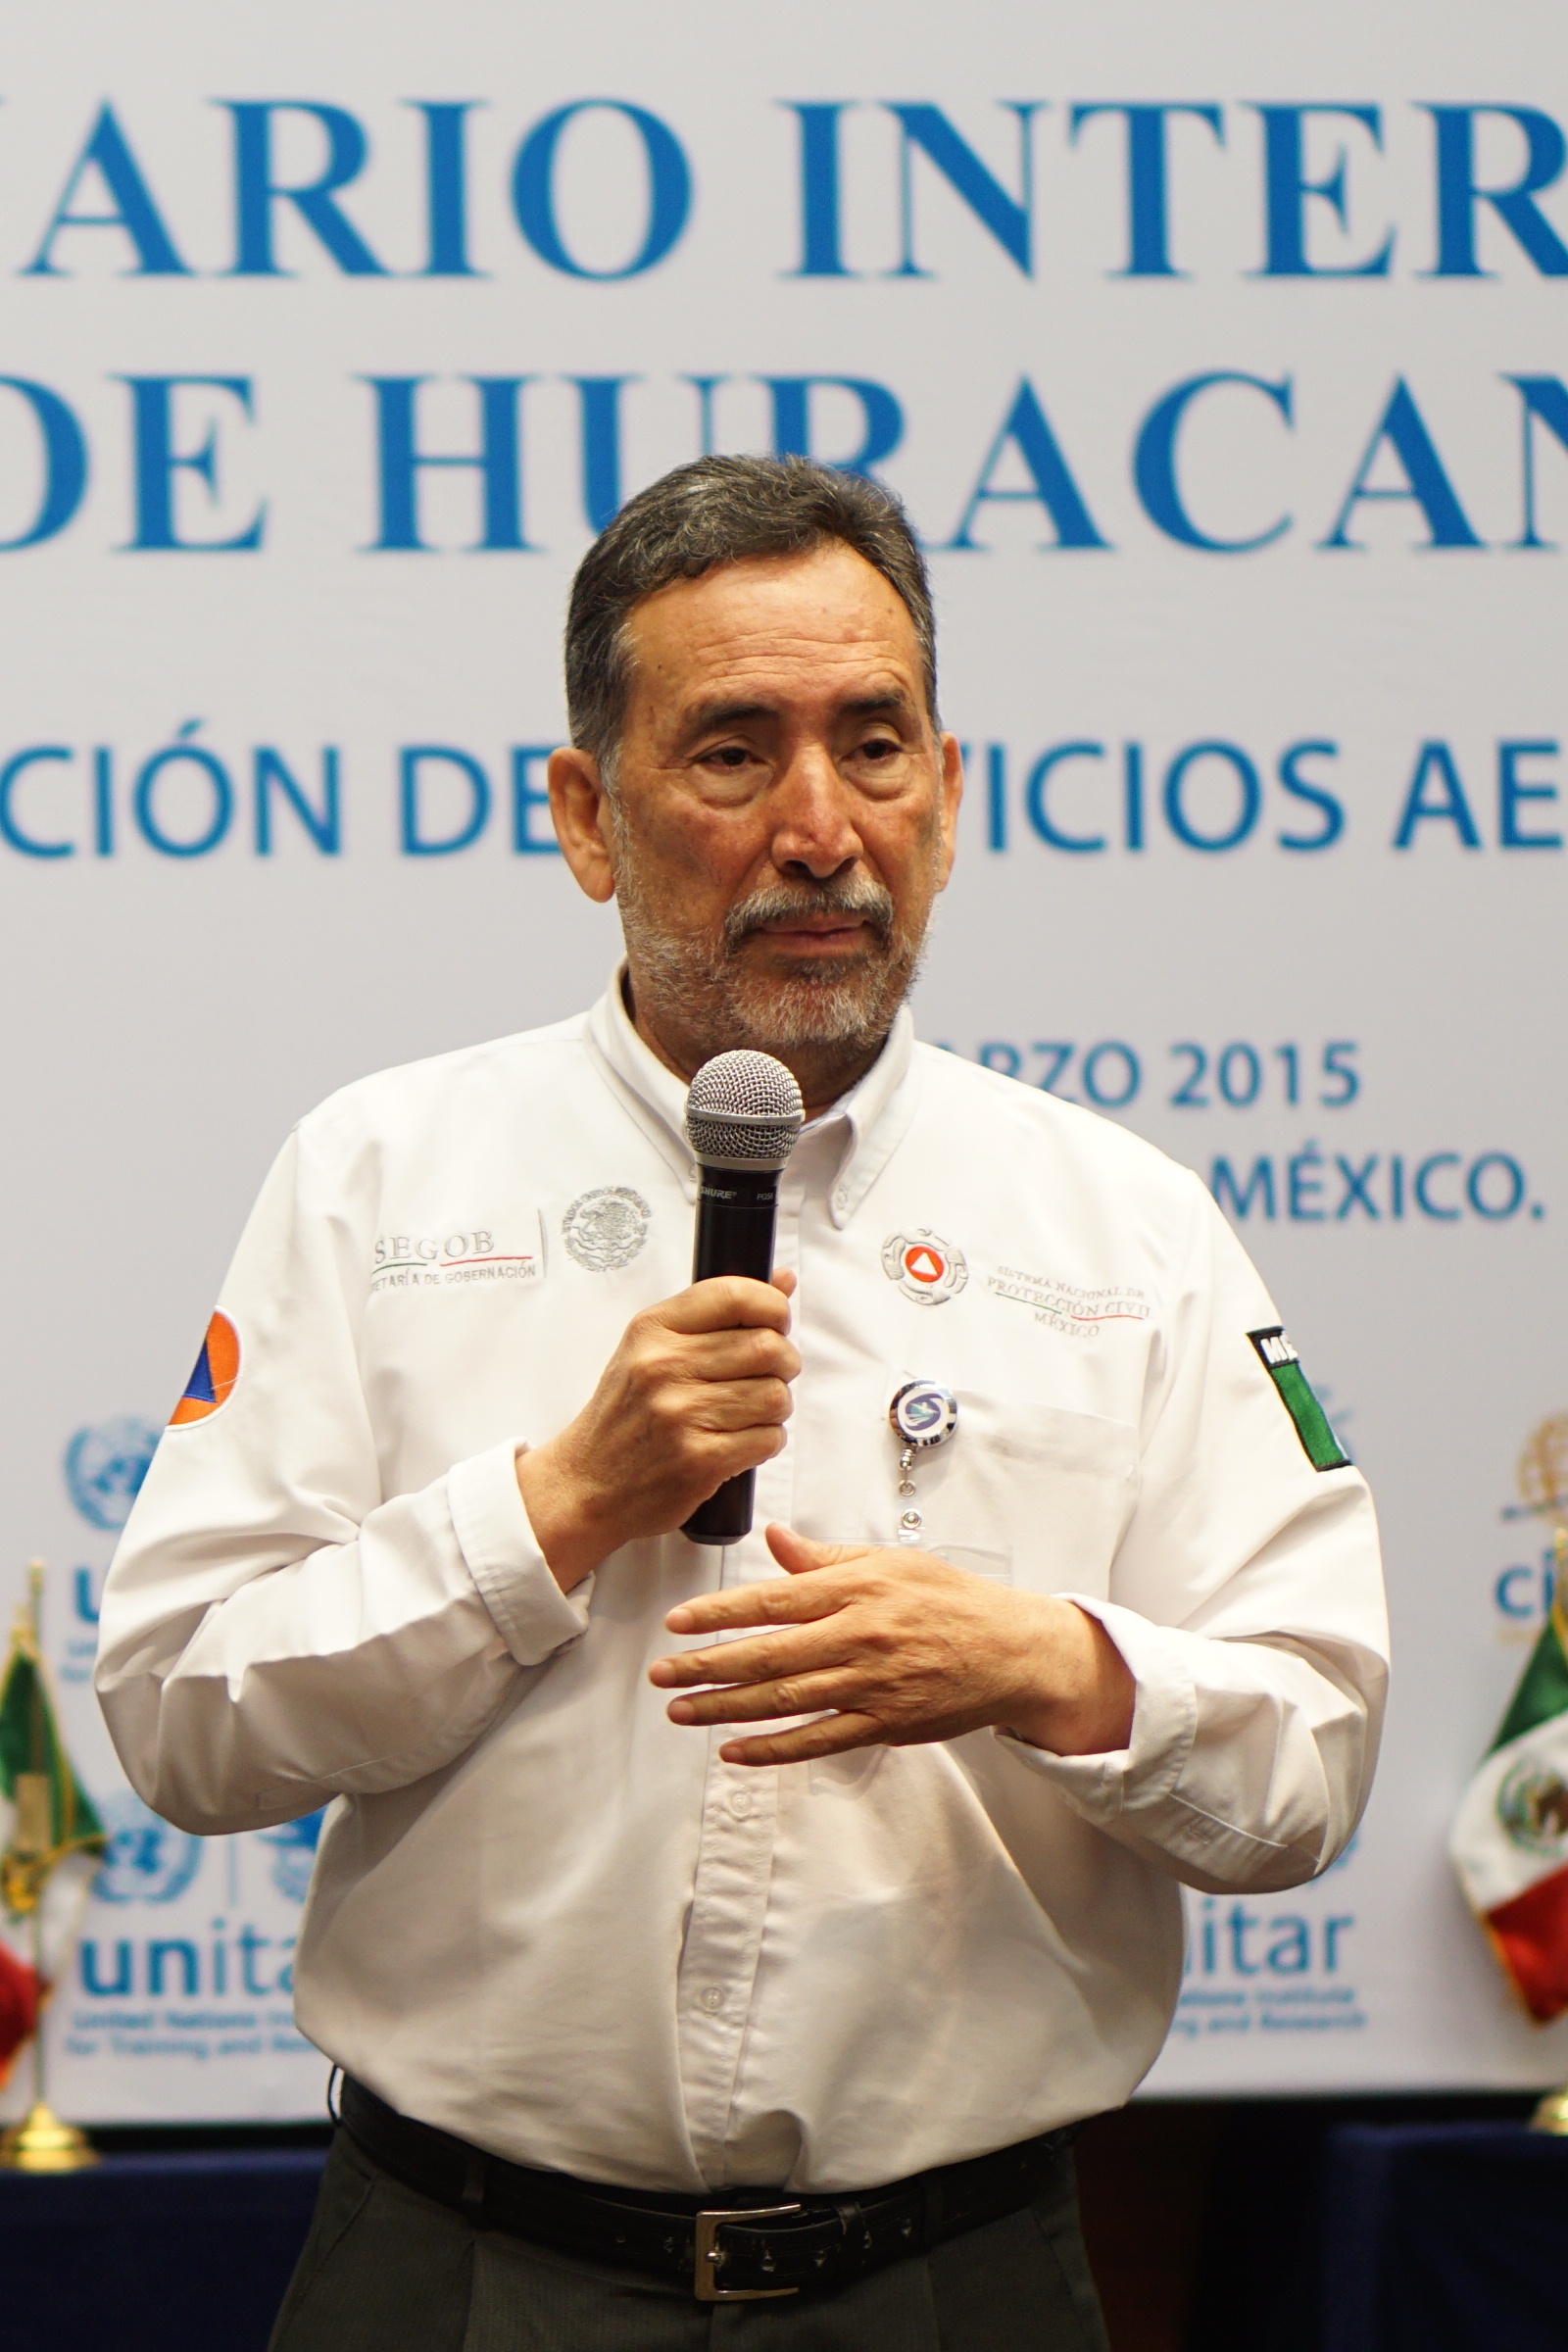 Huracanes 2015 - 50.JPG